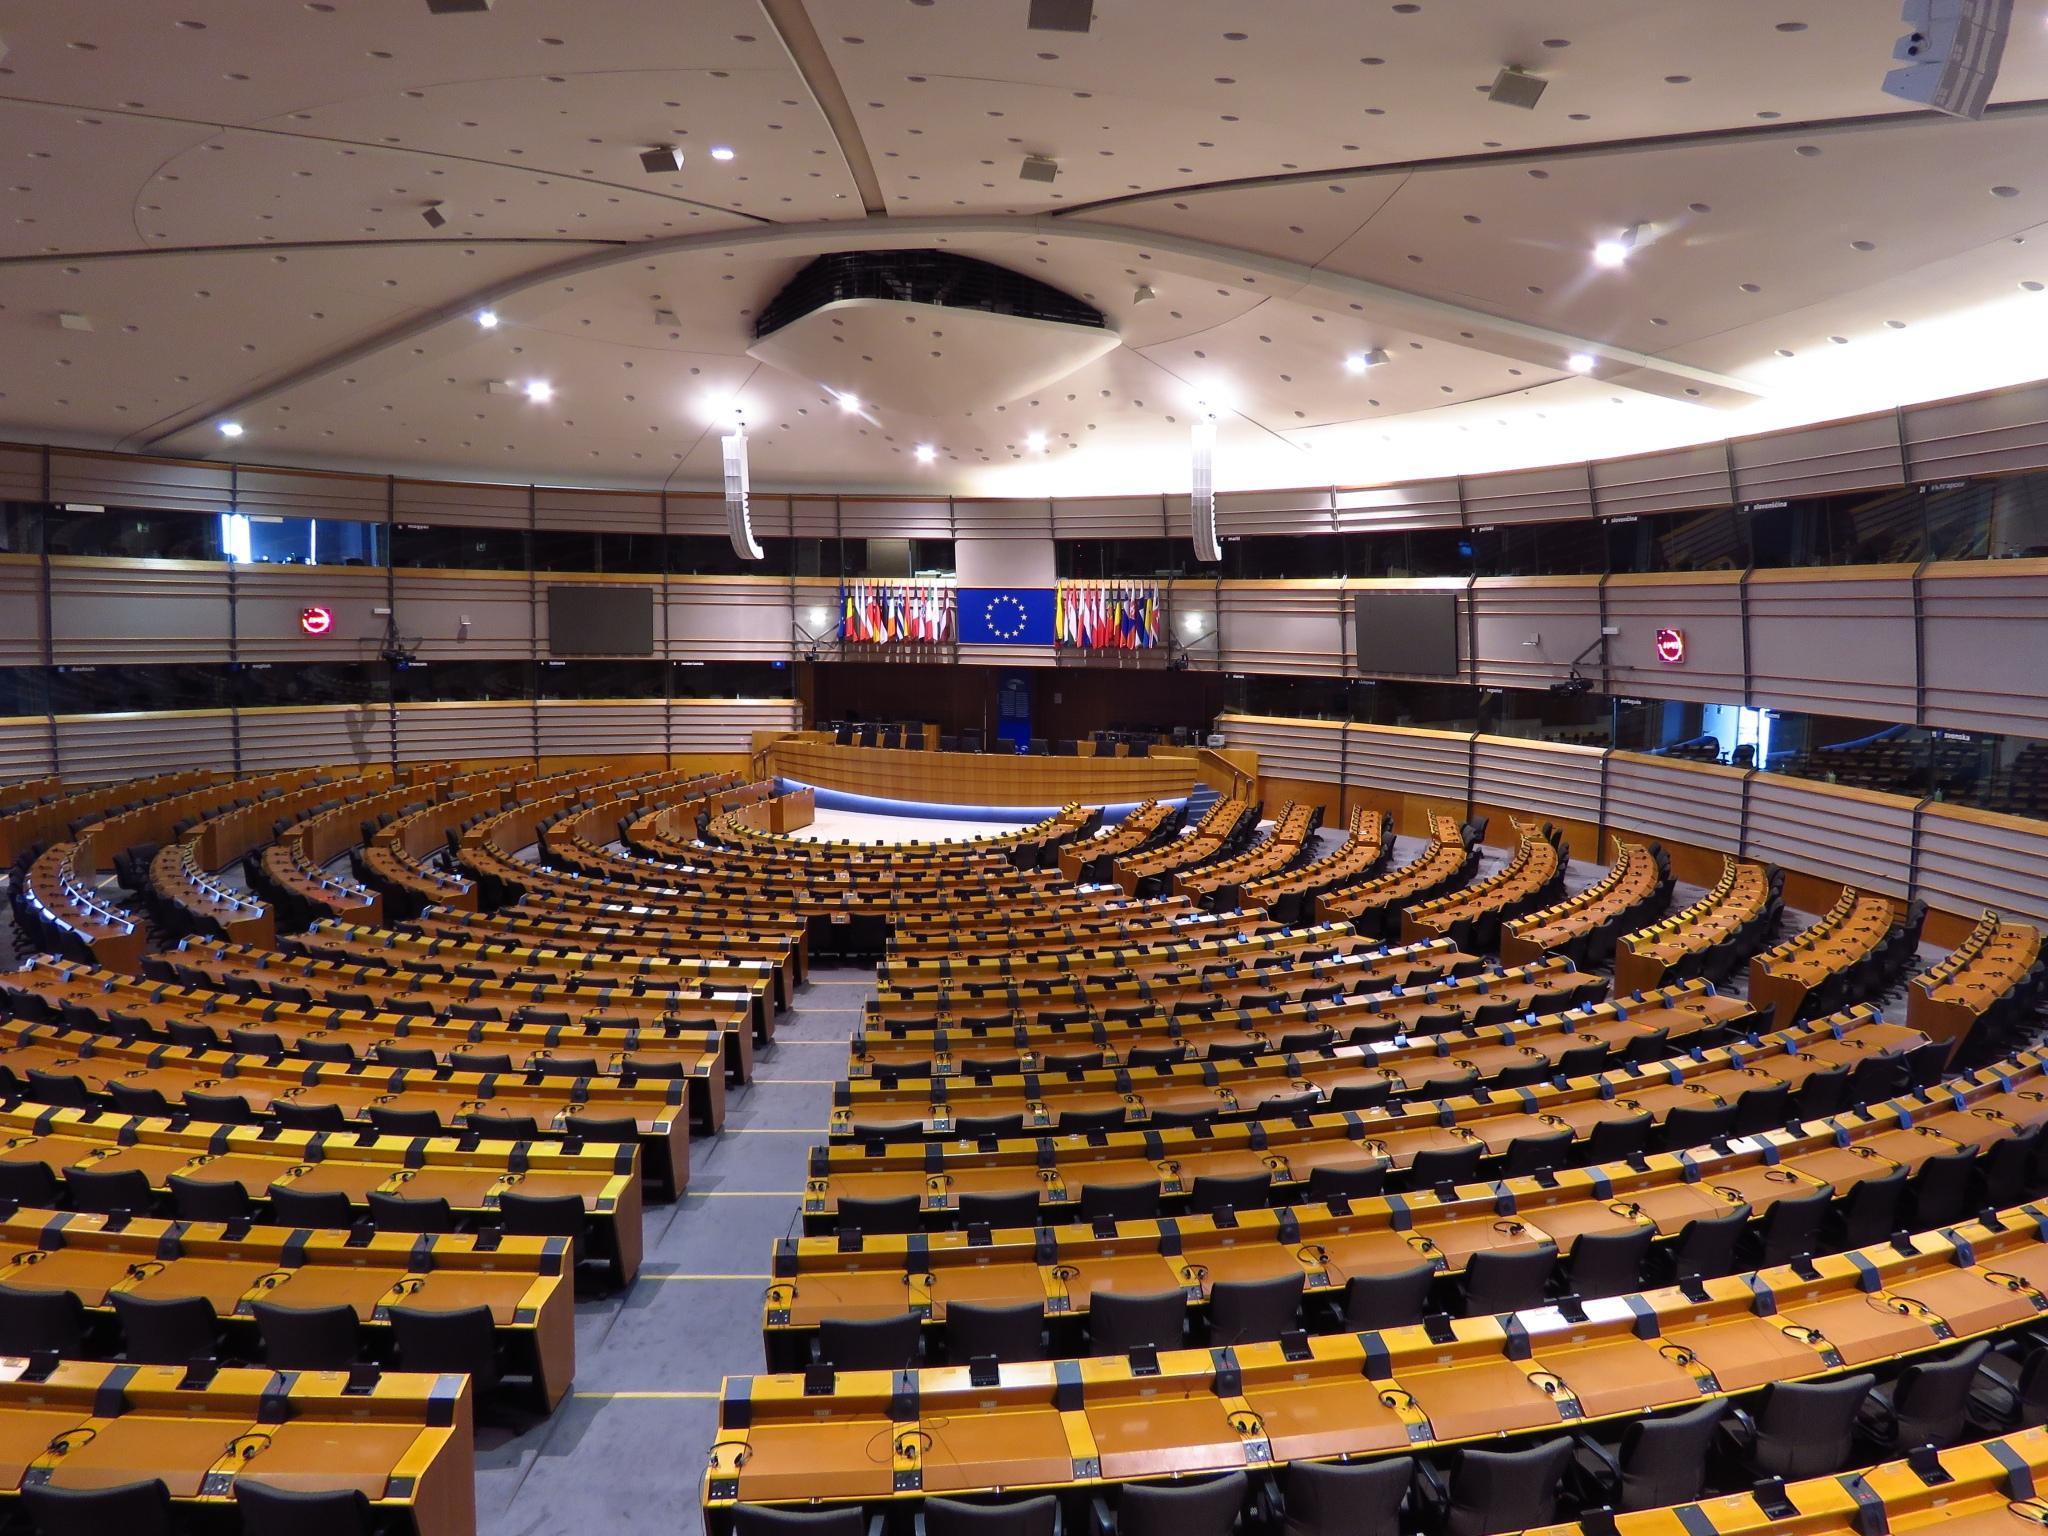 Европарламент. Святая святых европейской демократии